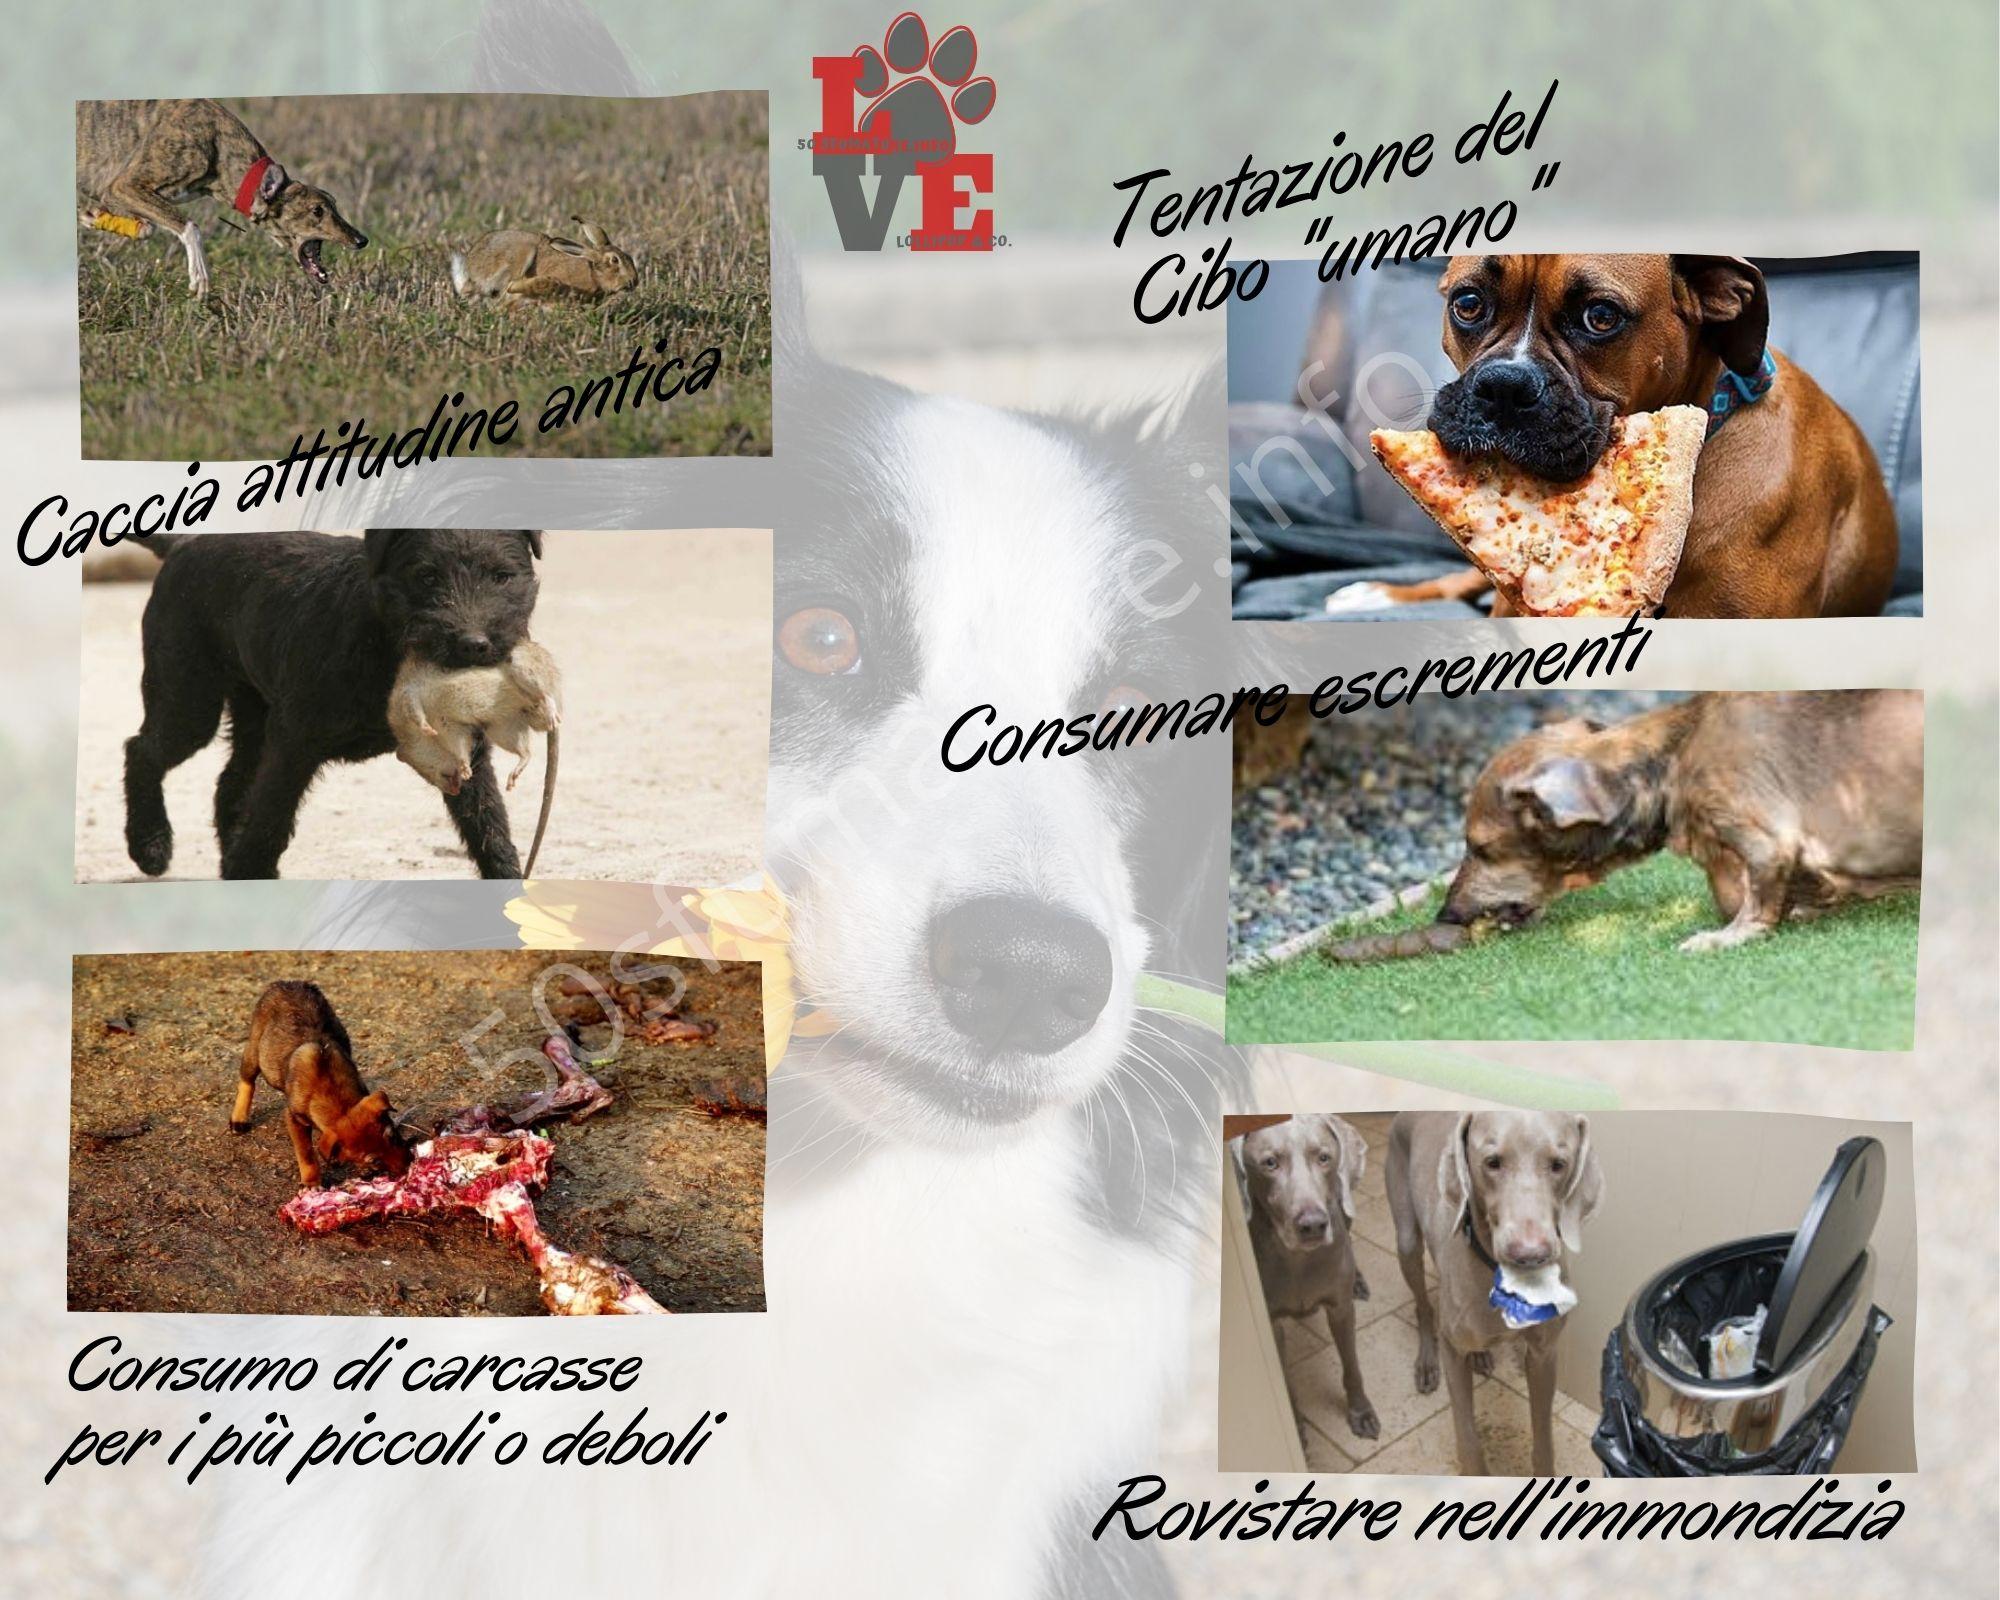 Tutto ciò che i cani possono mangiare